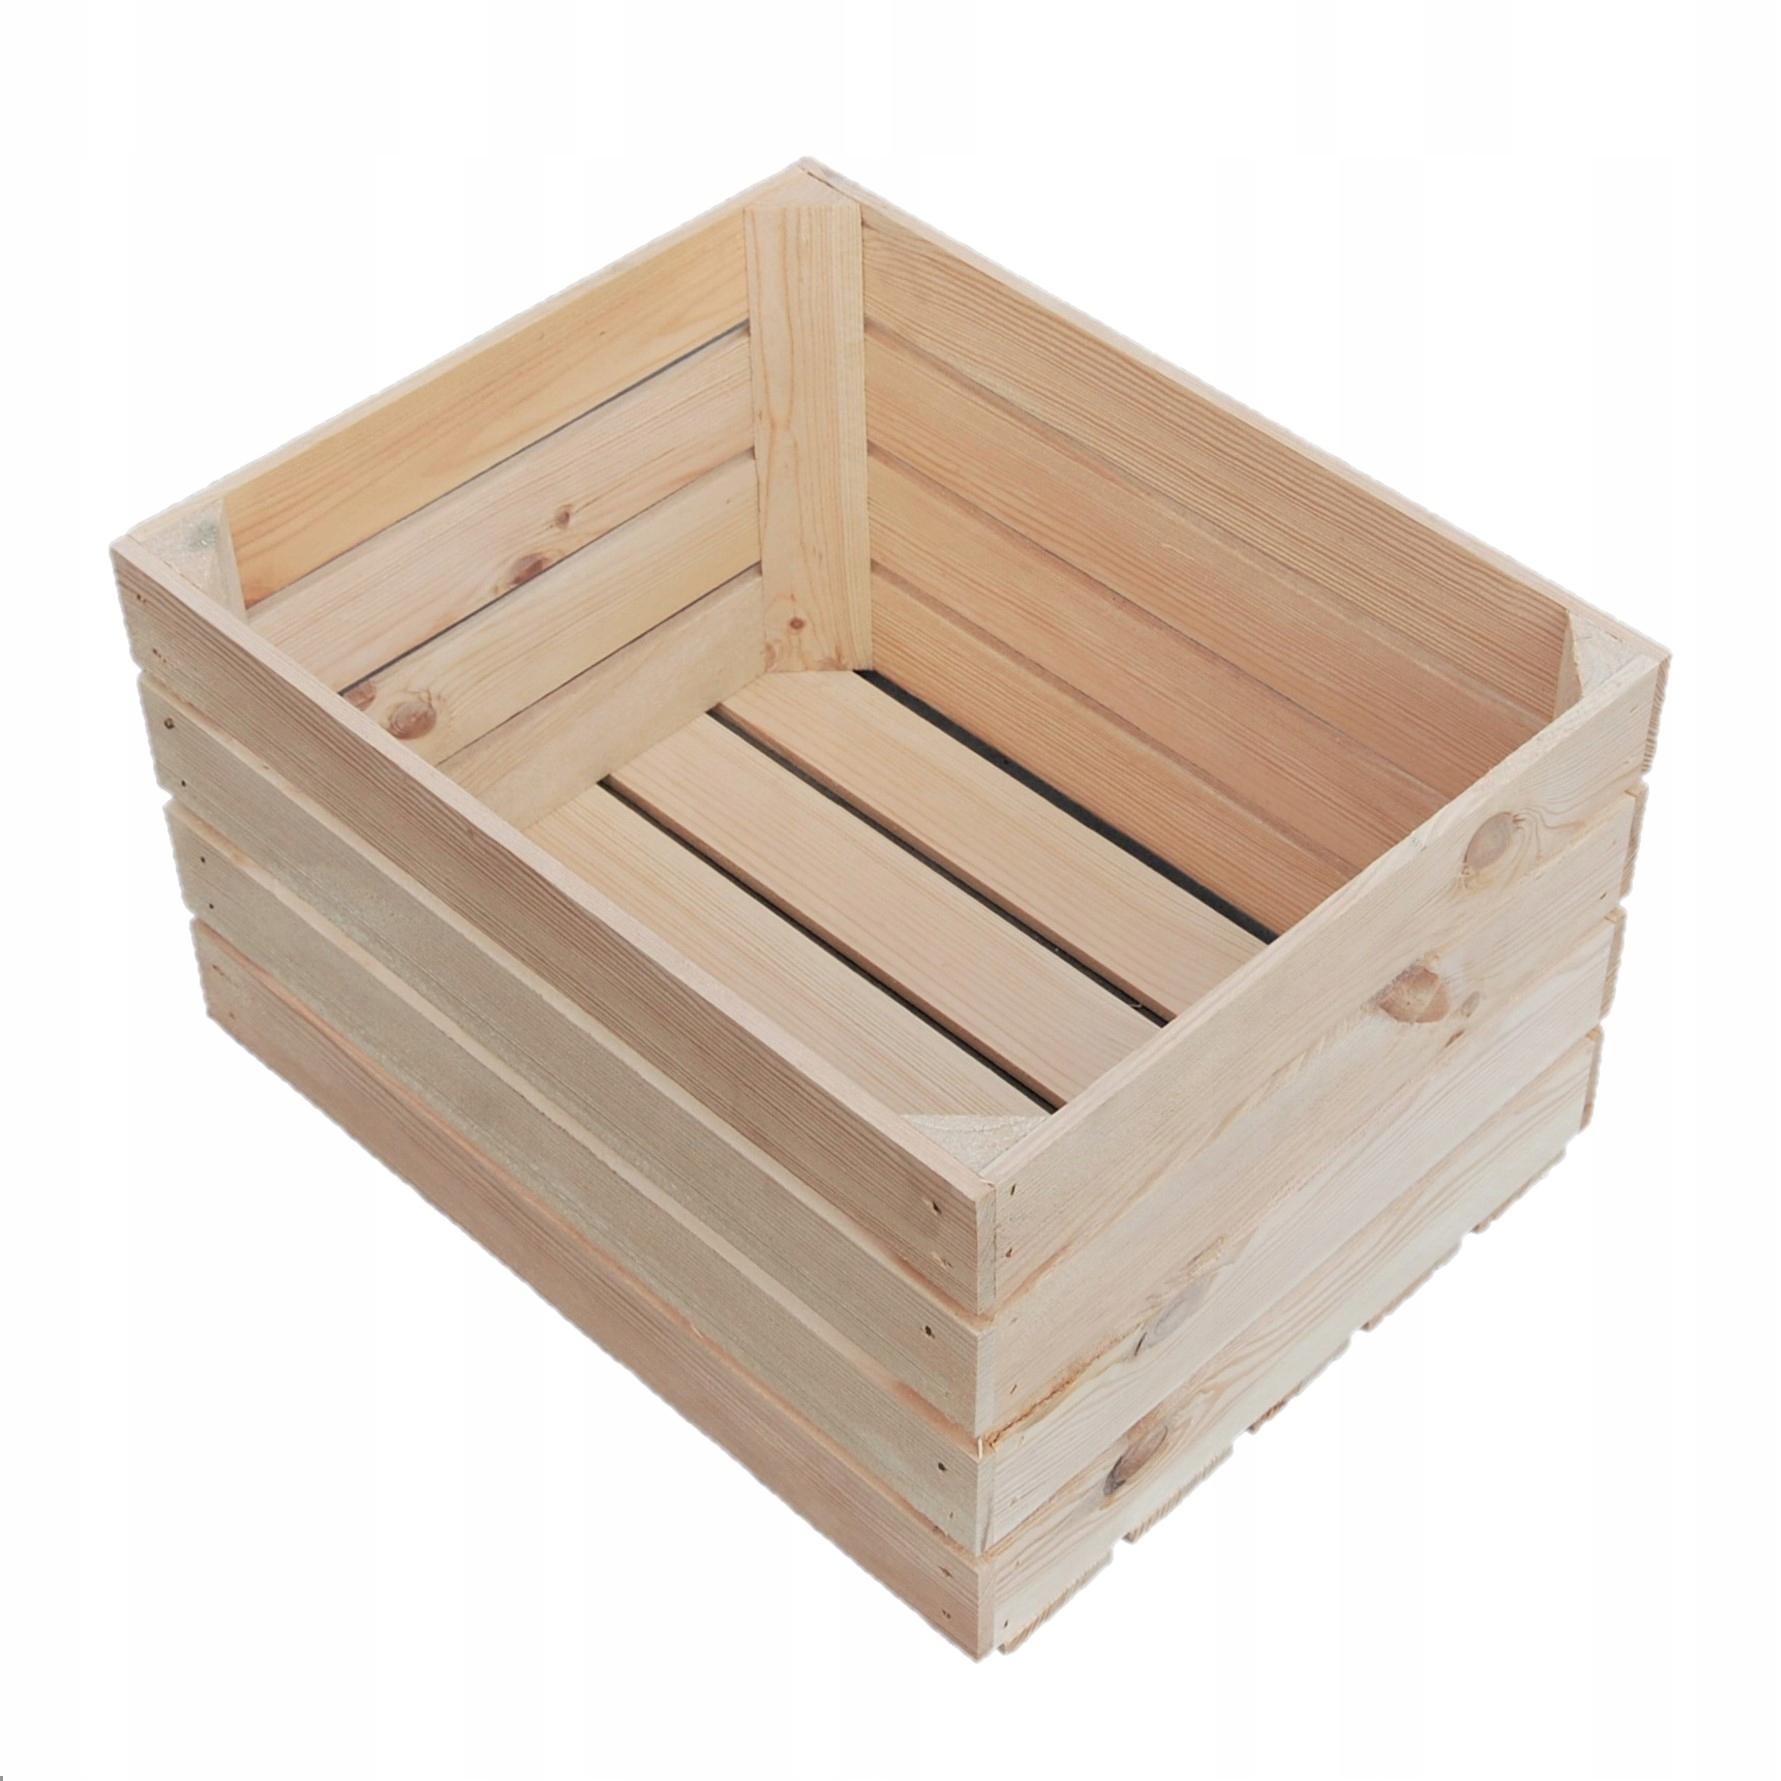 коробка деревянная ящики деревянные мебель Новая